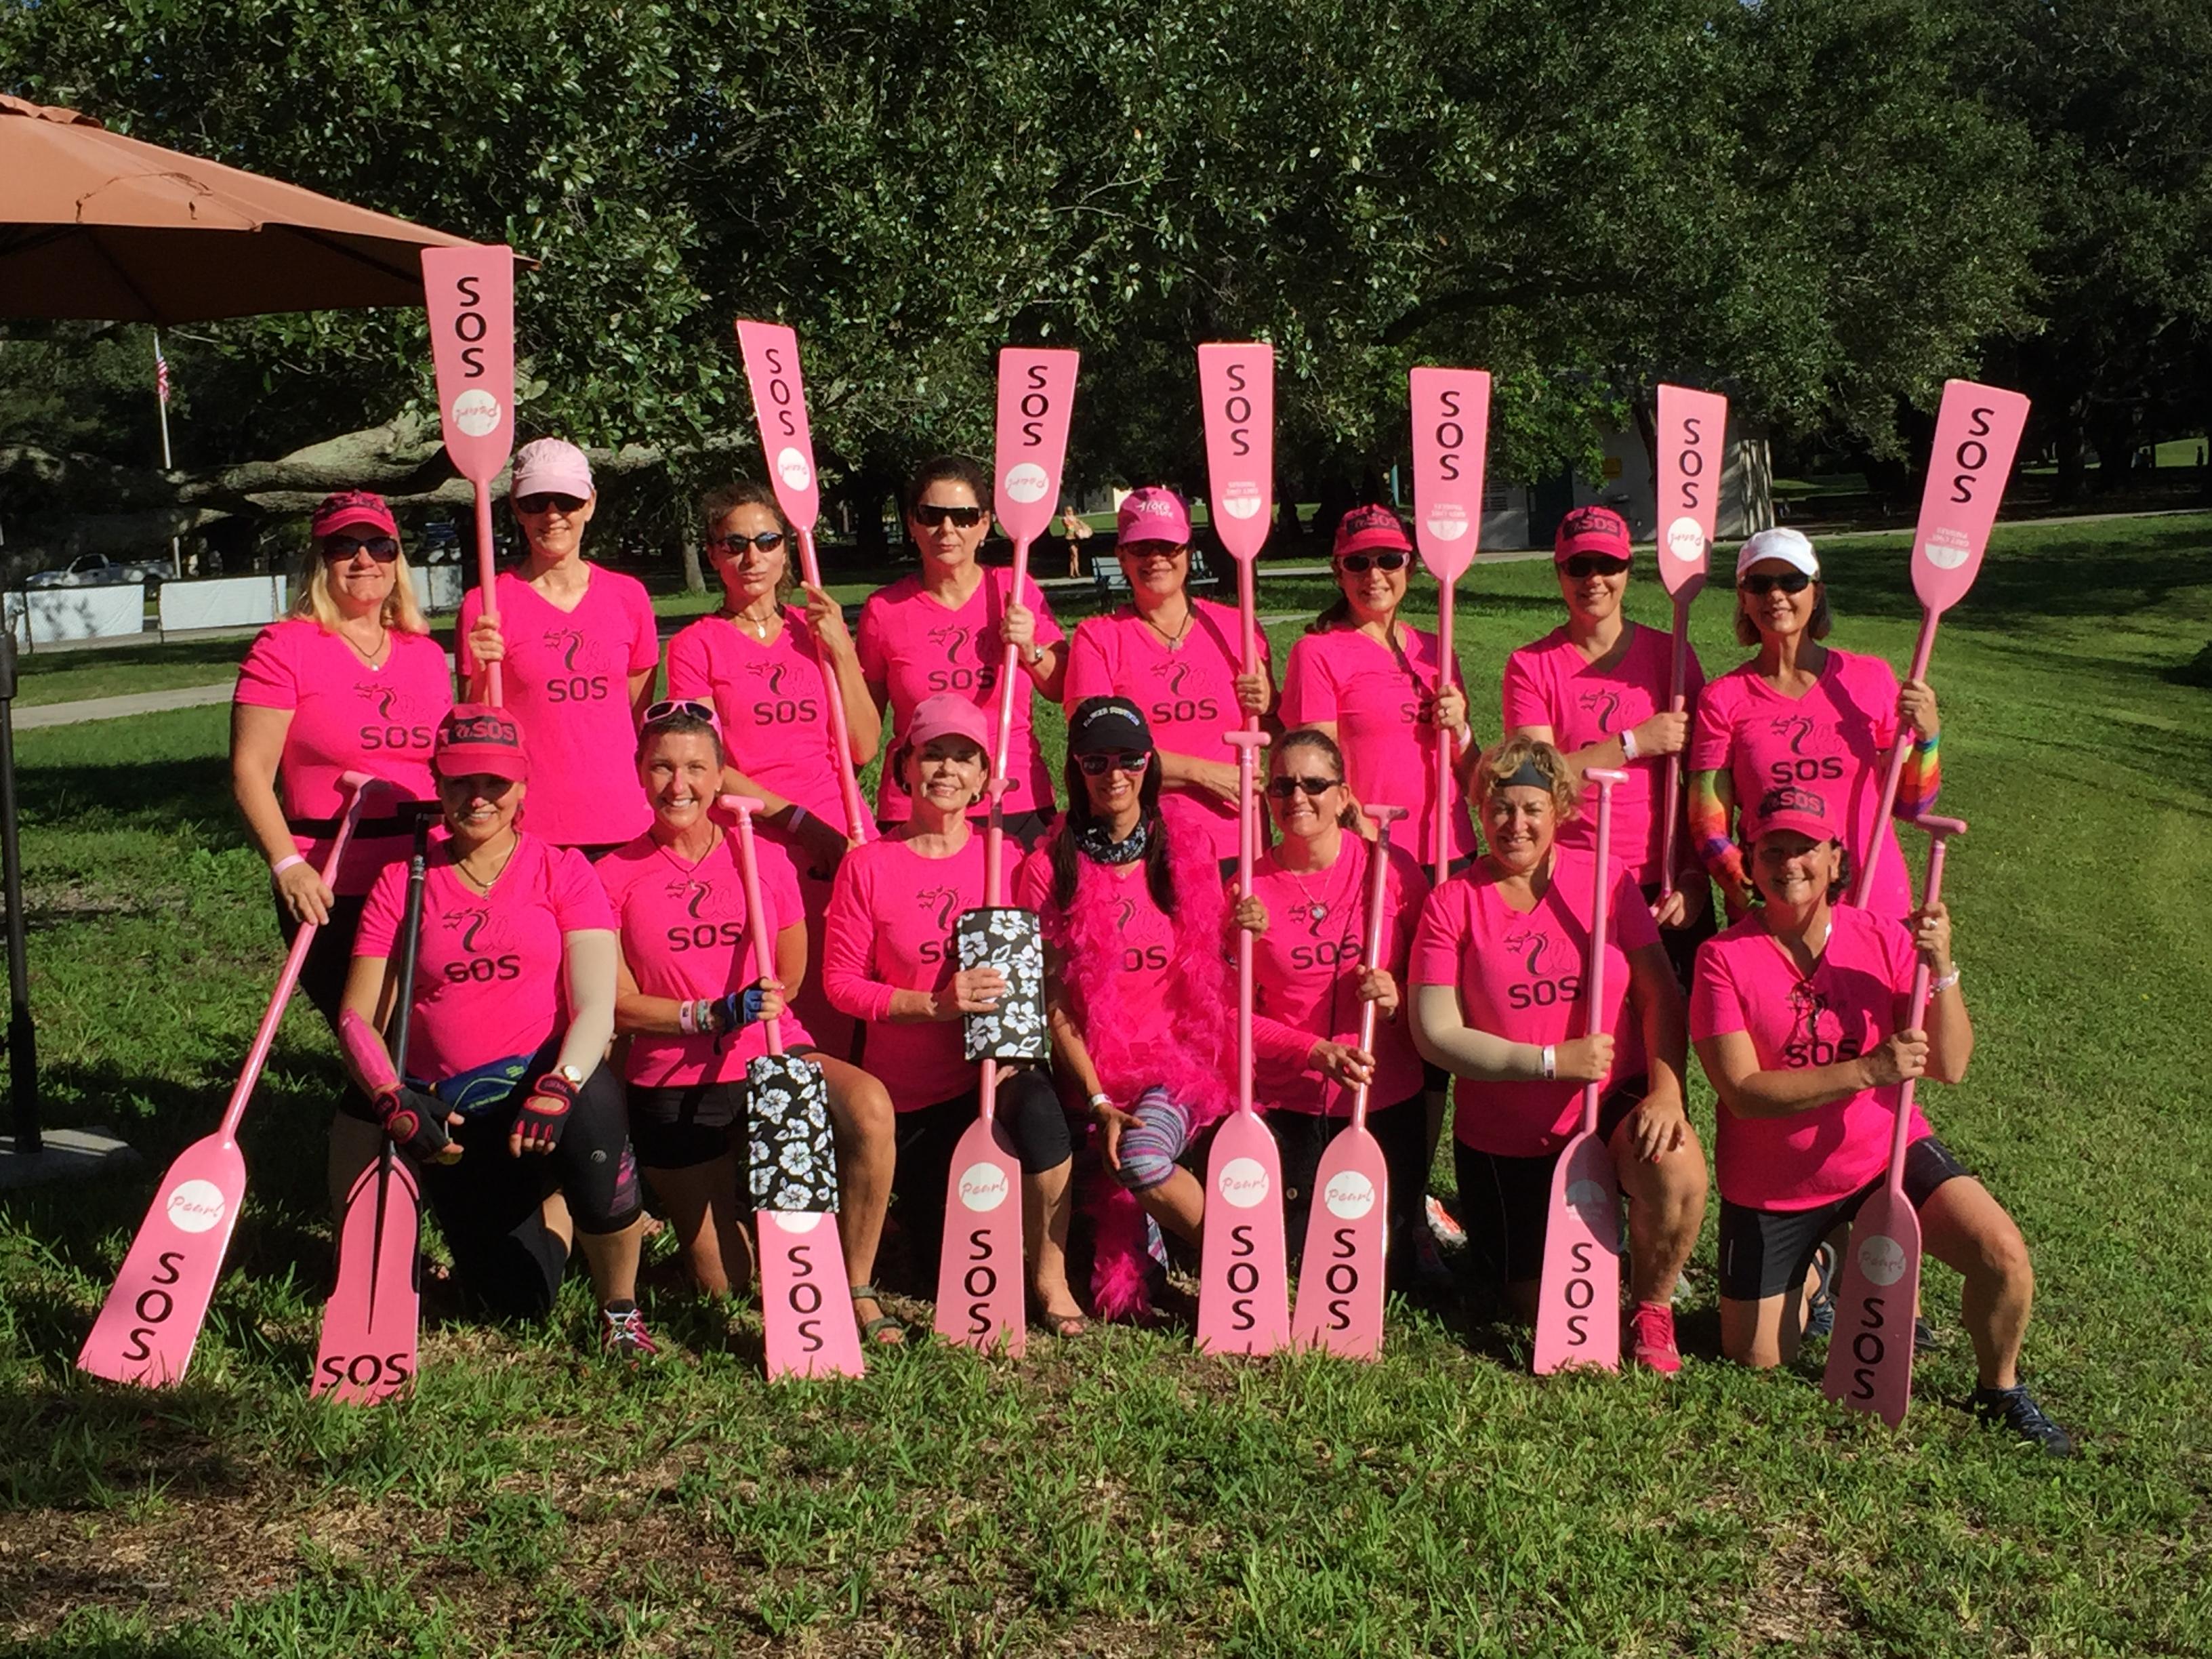 Team Photo at Synergy Race Sept 19, 2015